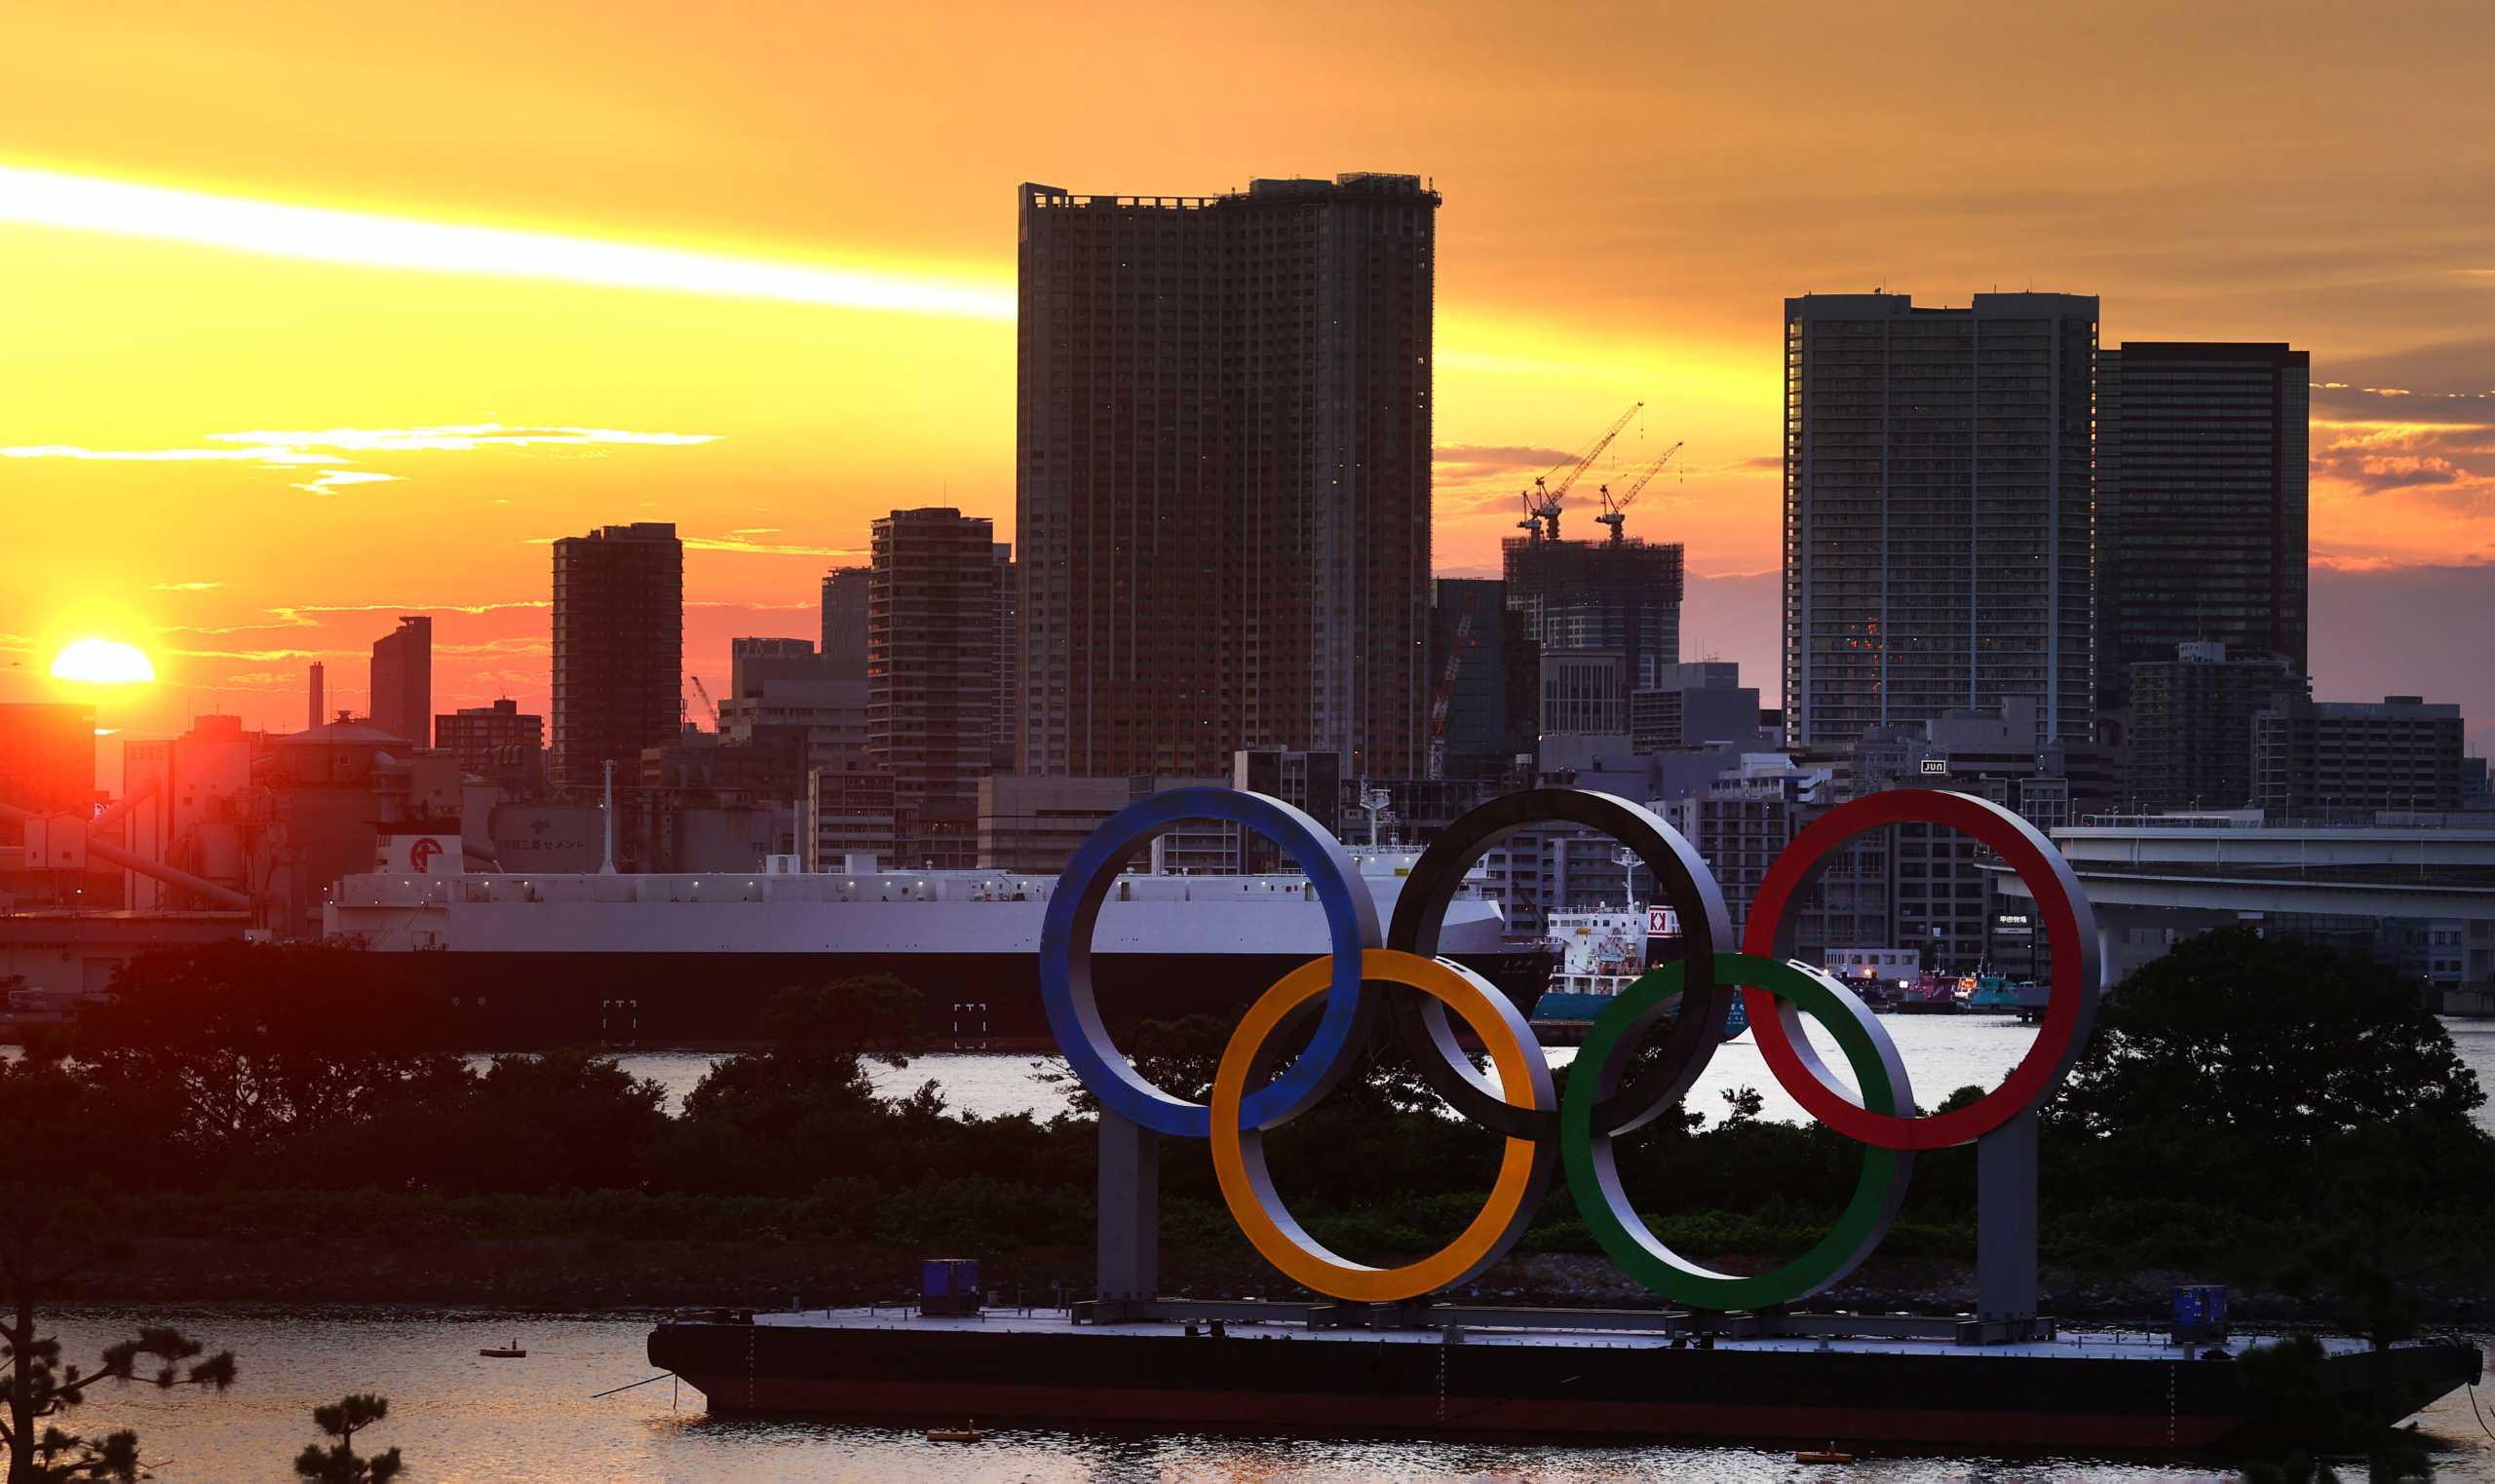 Ολυμπιακοί Αγώνες: Καρτ ποστάλ, γραμματόσημα και σουβέρ μπύρας τα δημοφιλή ηλεκτρονικά ενθύμια